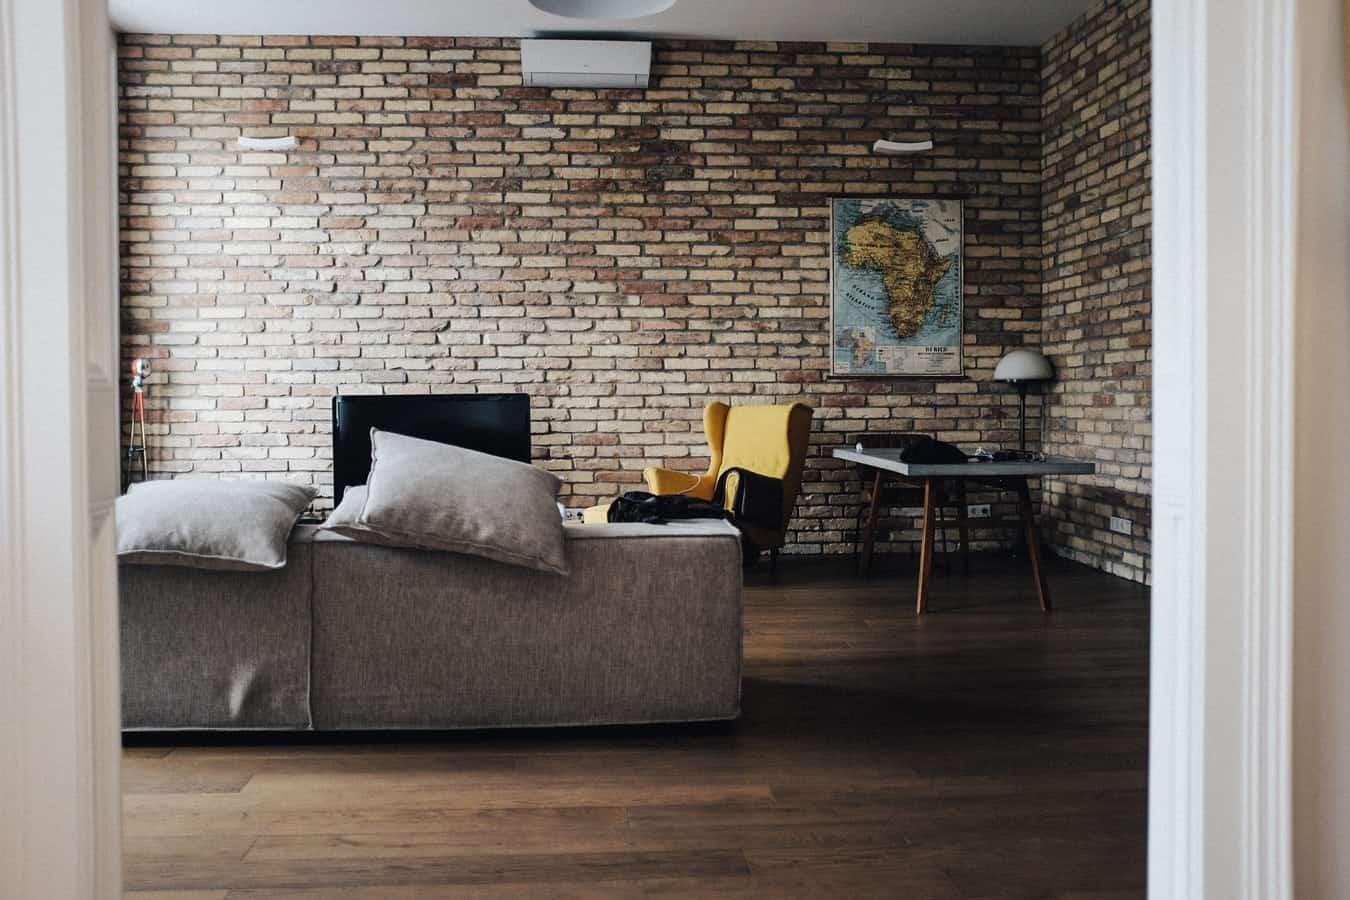 Krasbestendige vloeren inspirerende voorbeelden floortec